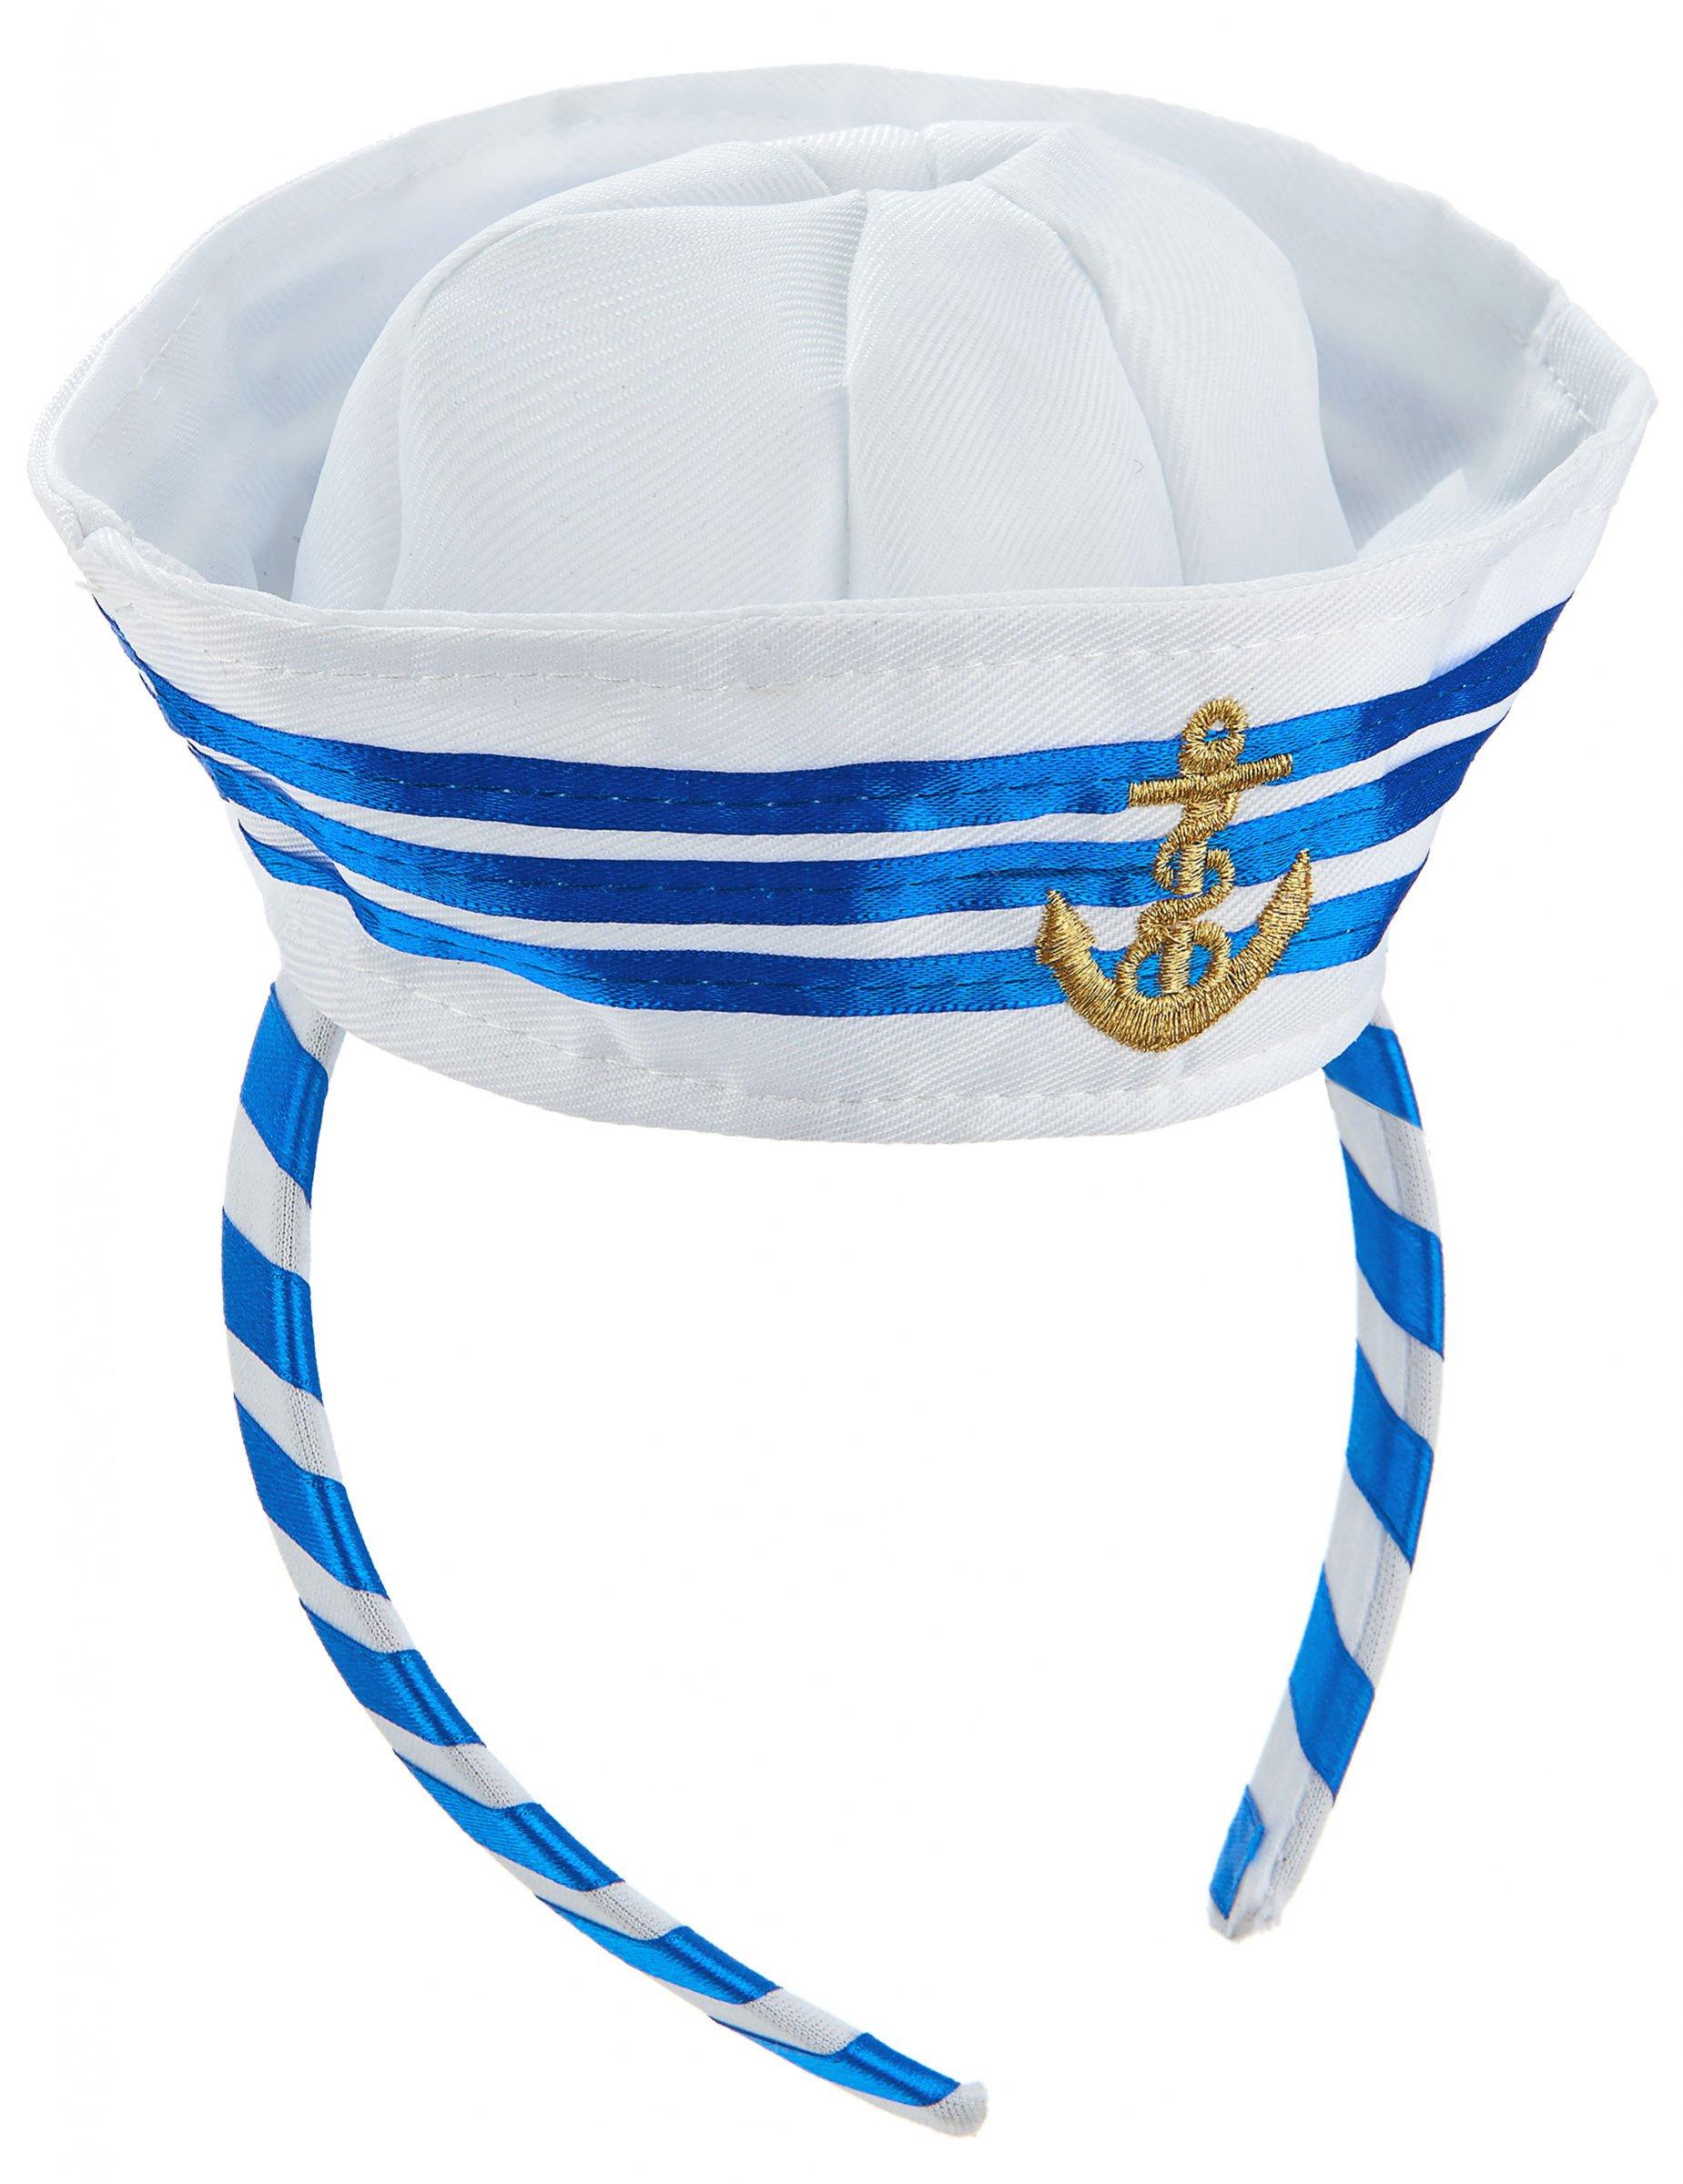 Diadema mini sombrero marinero adulto  Accesorios c1fa1013dc5